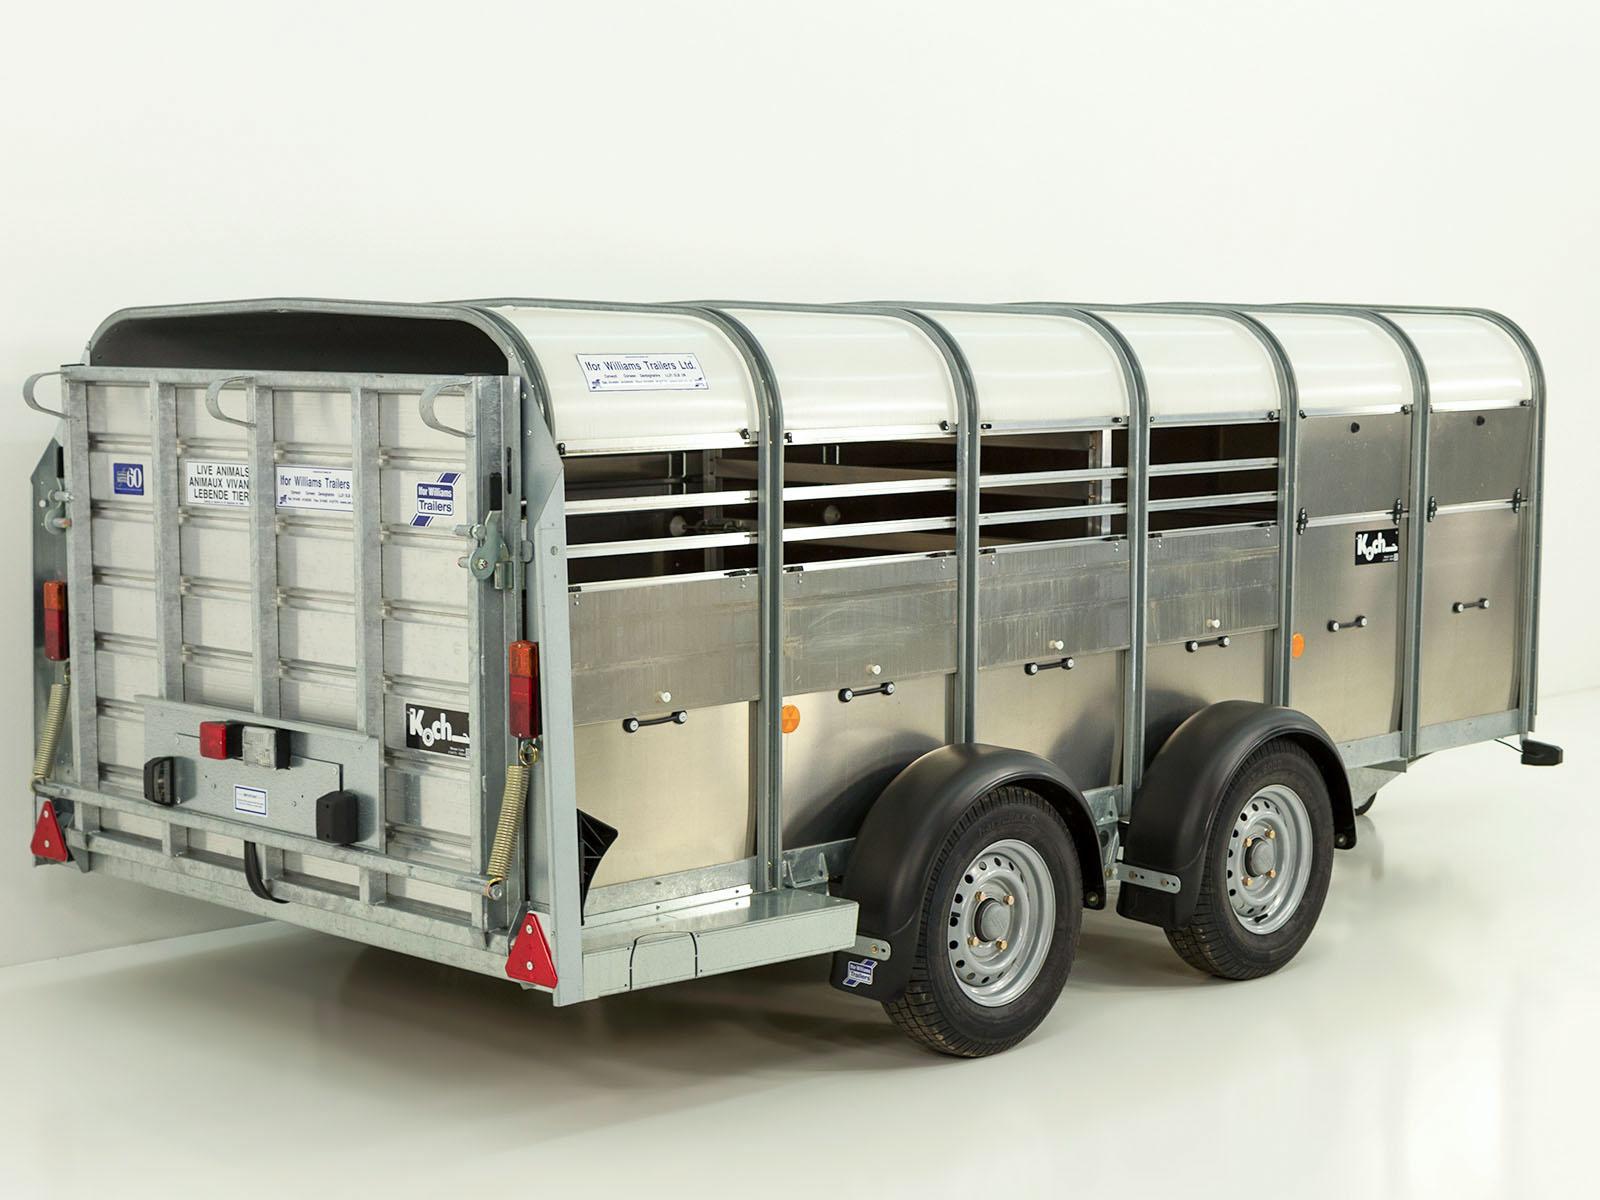 Sonstige-Viehanhaenger-Pferdetransporter-Viehanhaenger-TA5-156x372cm-Hoehe-120cm-2-7t-Ifor-Williams_0658_04cTe7Xt5yNB7jW.jpg